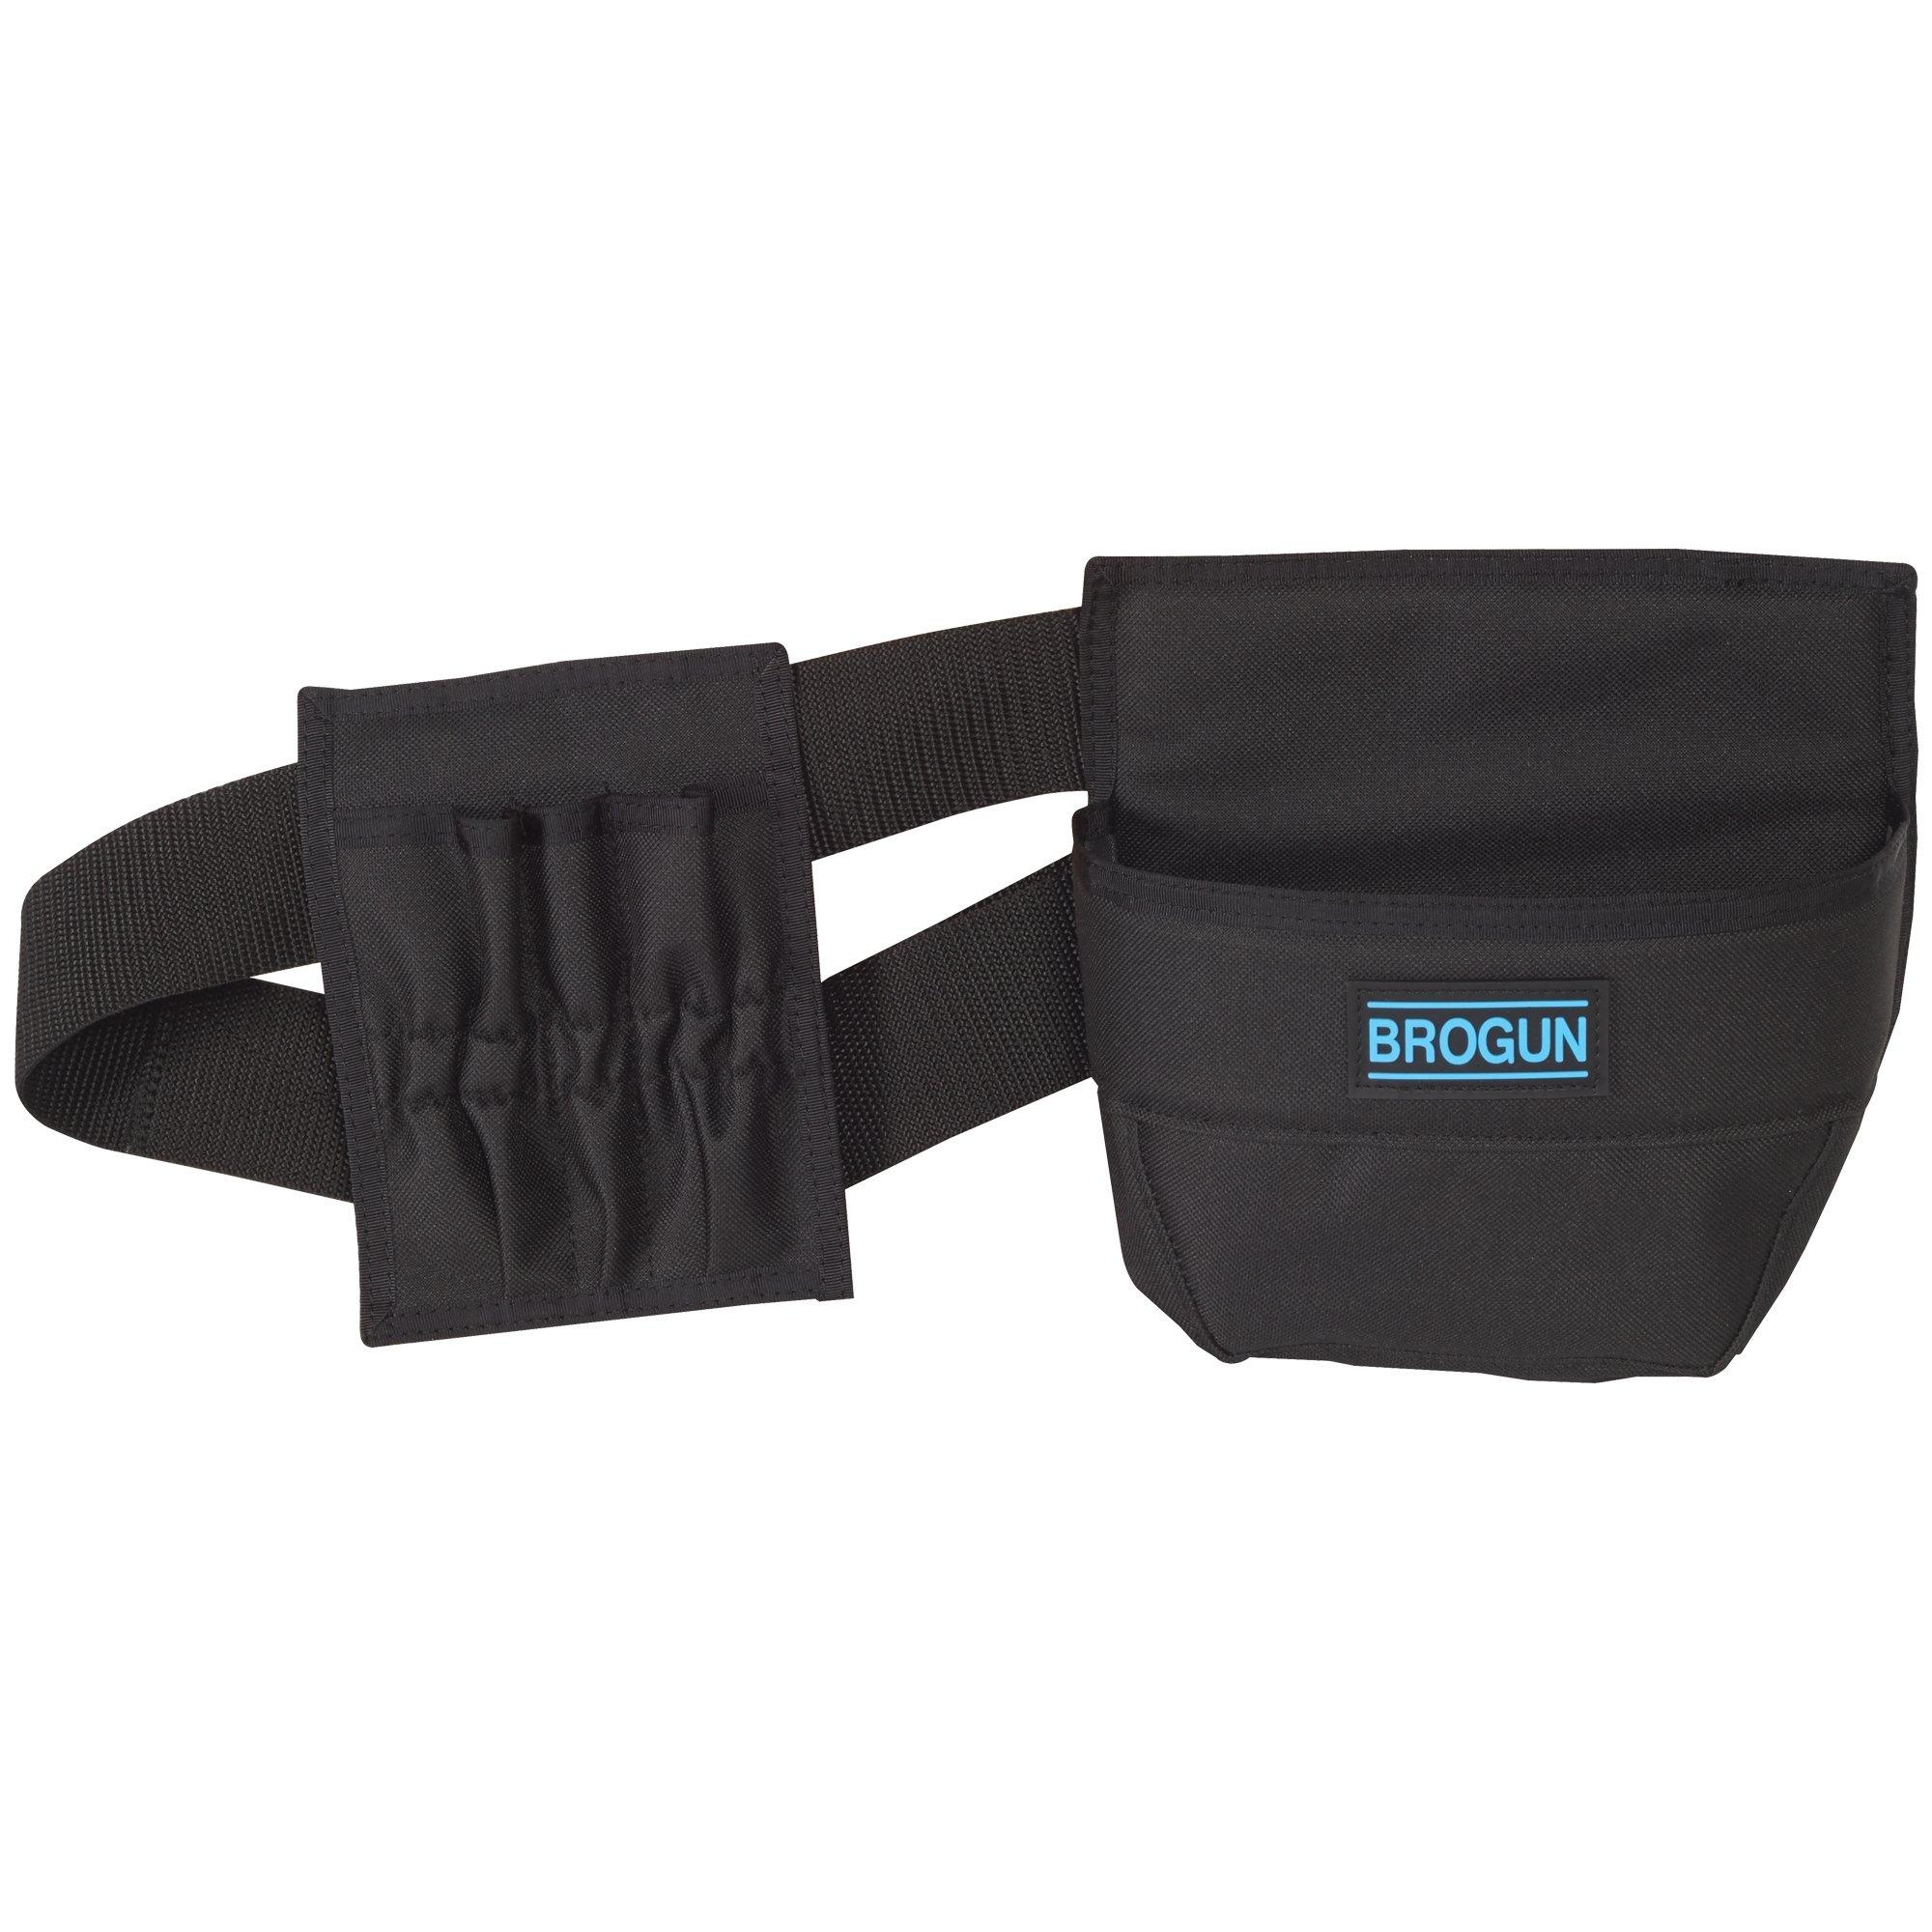 Brogun WB4501 Warehouse Work Belt by Brogun